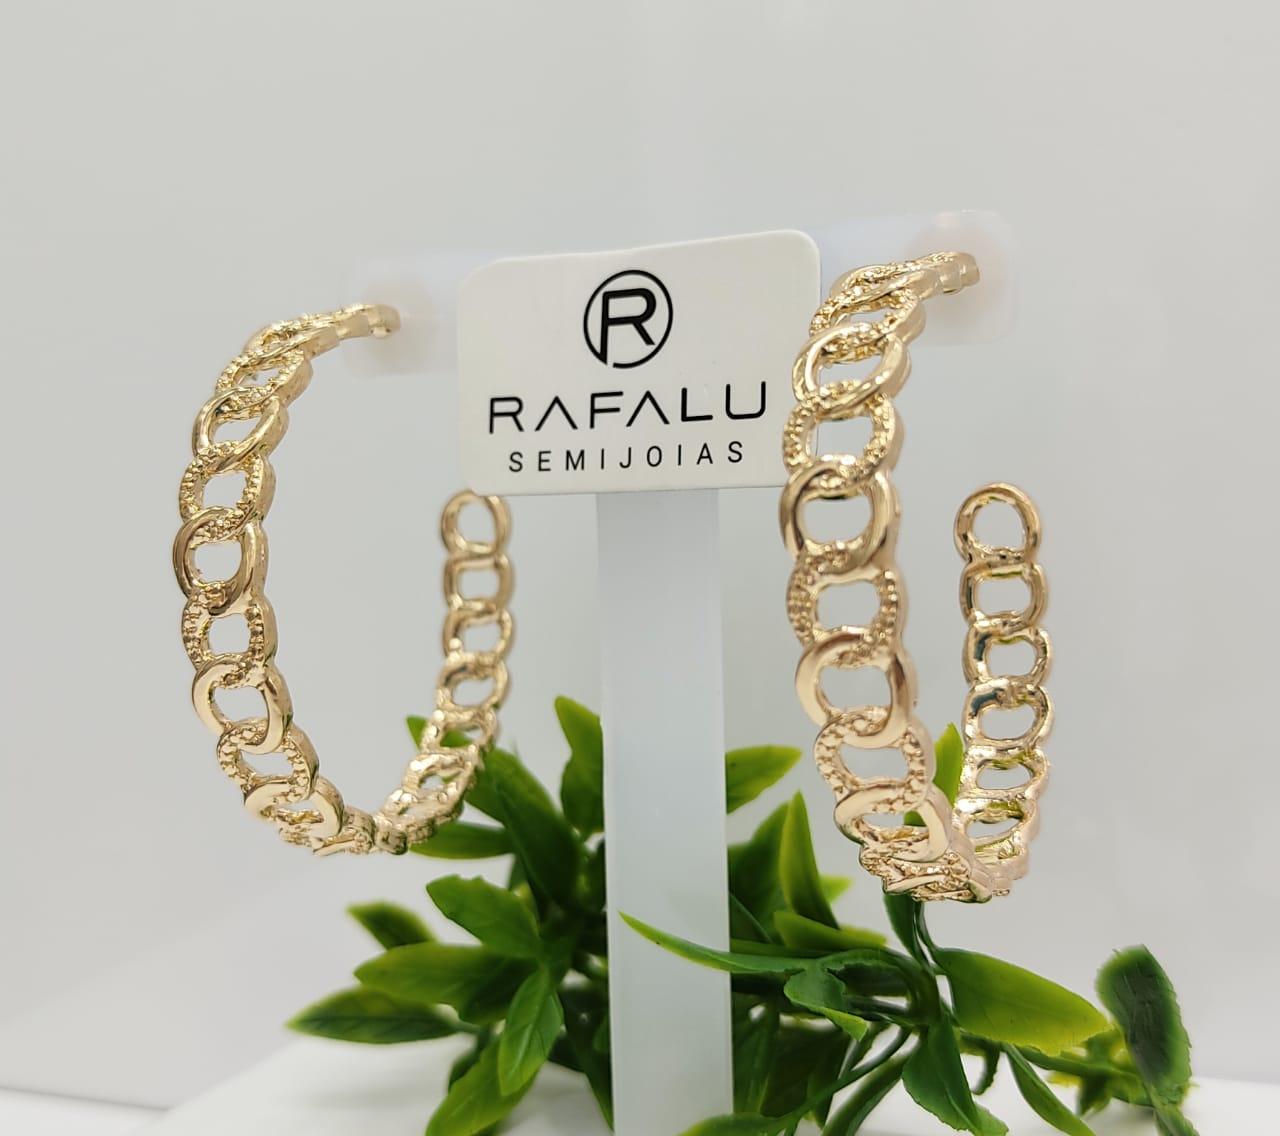 Argola Banhada a Ouro Rafalu - BR0006U1 - 05 ANOS DE GARANTIA